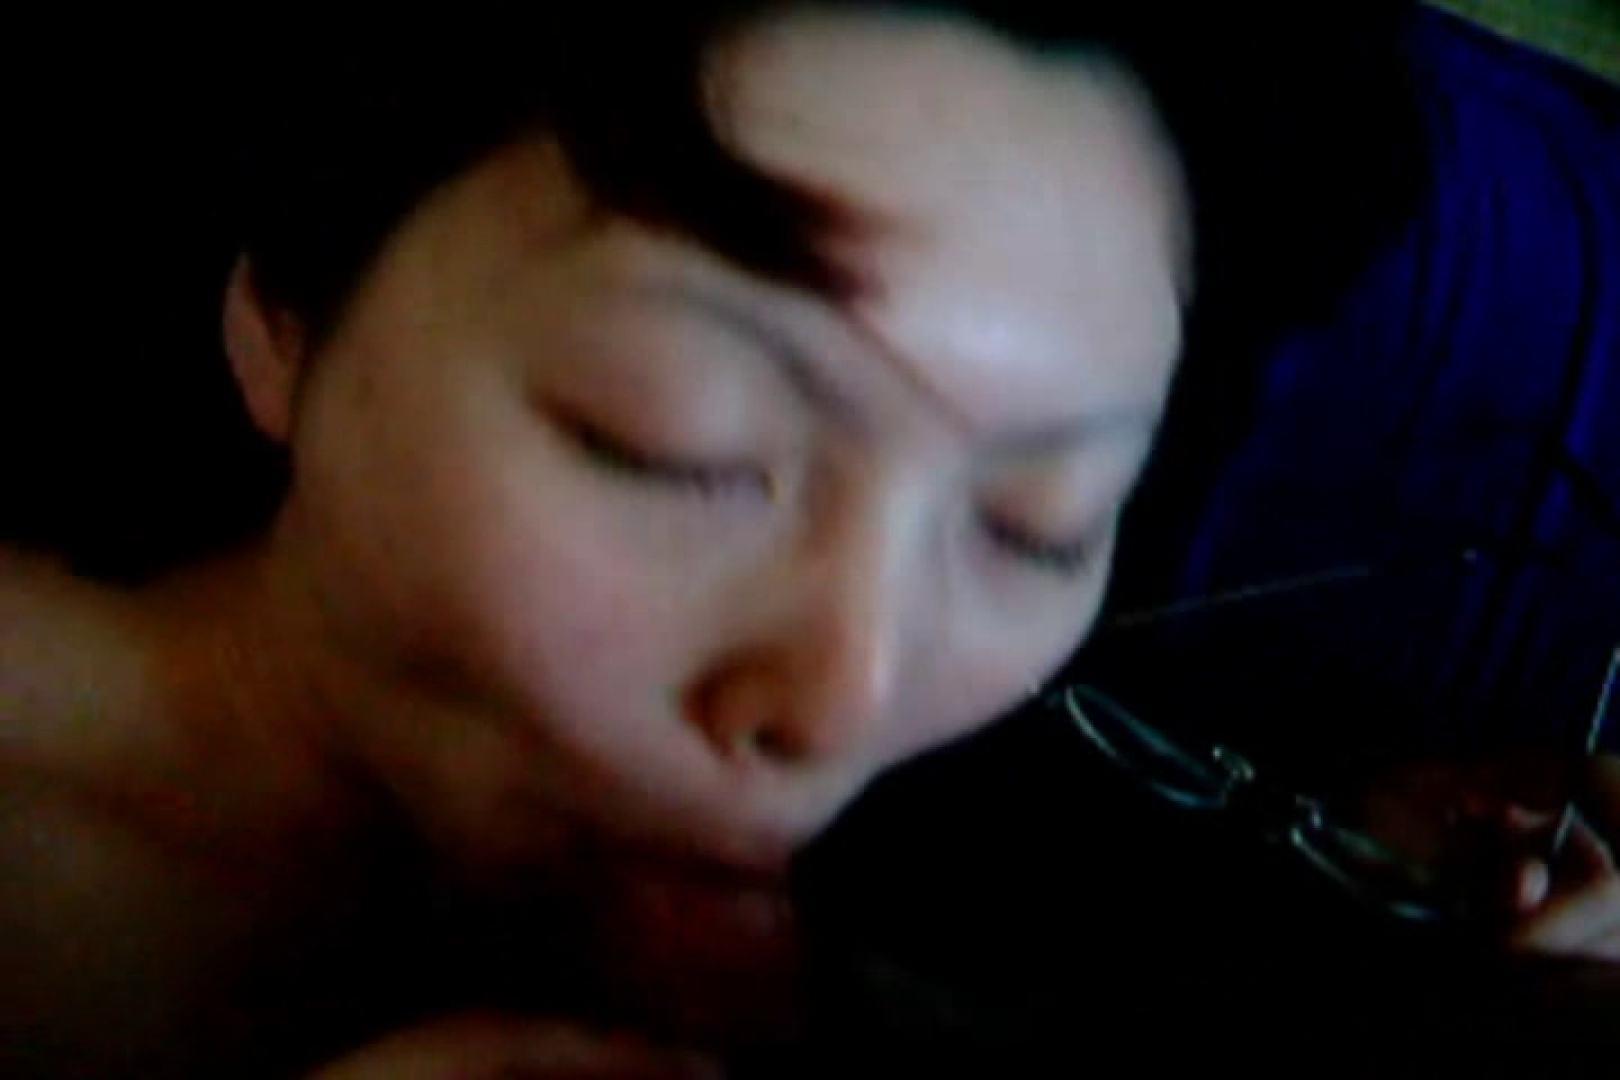 ウイルス流出 鹿児島県庁職員 中瀬瀬久成の流出ビデオ 流出作品 | 0  101画像 22